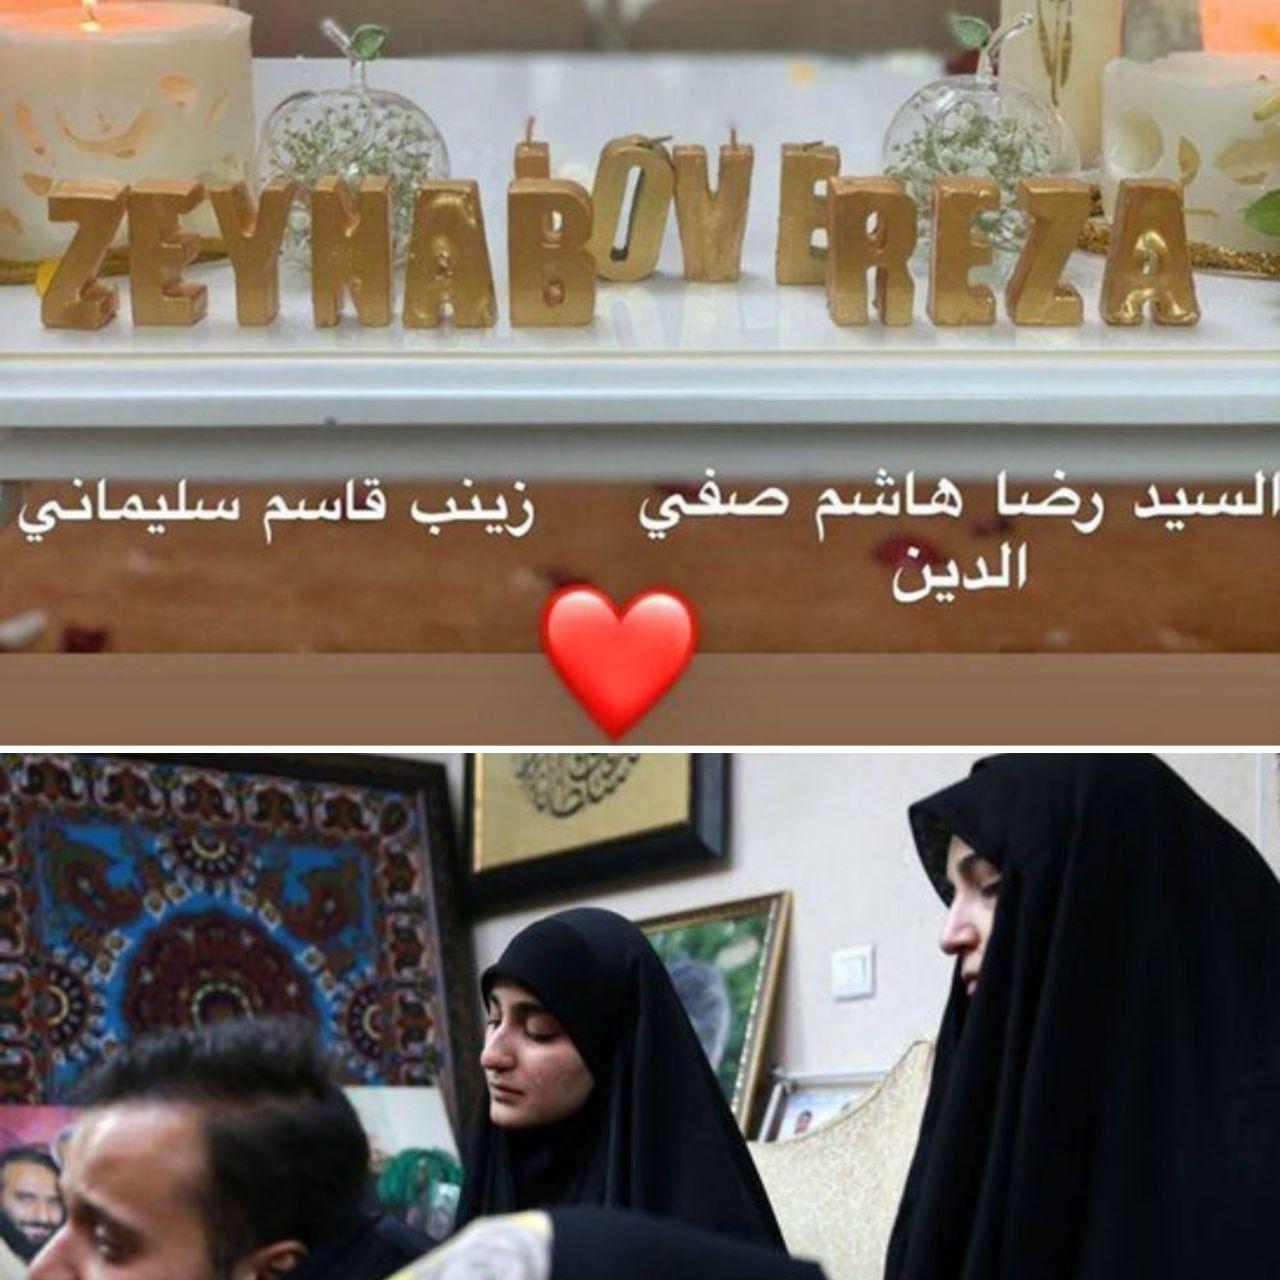 زینب سلیمانی - ازدواج دختر سردار سلیمانی